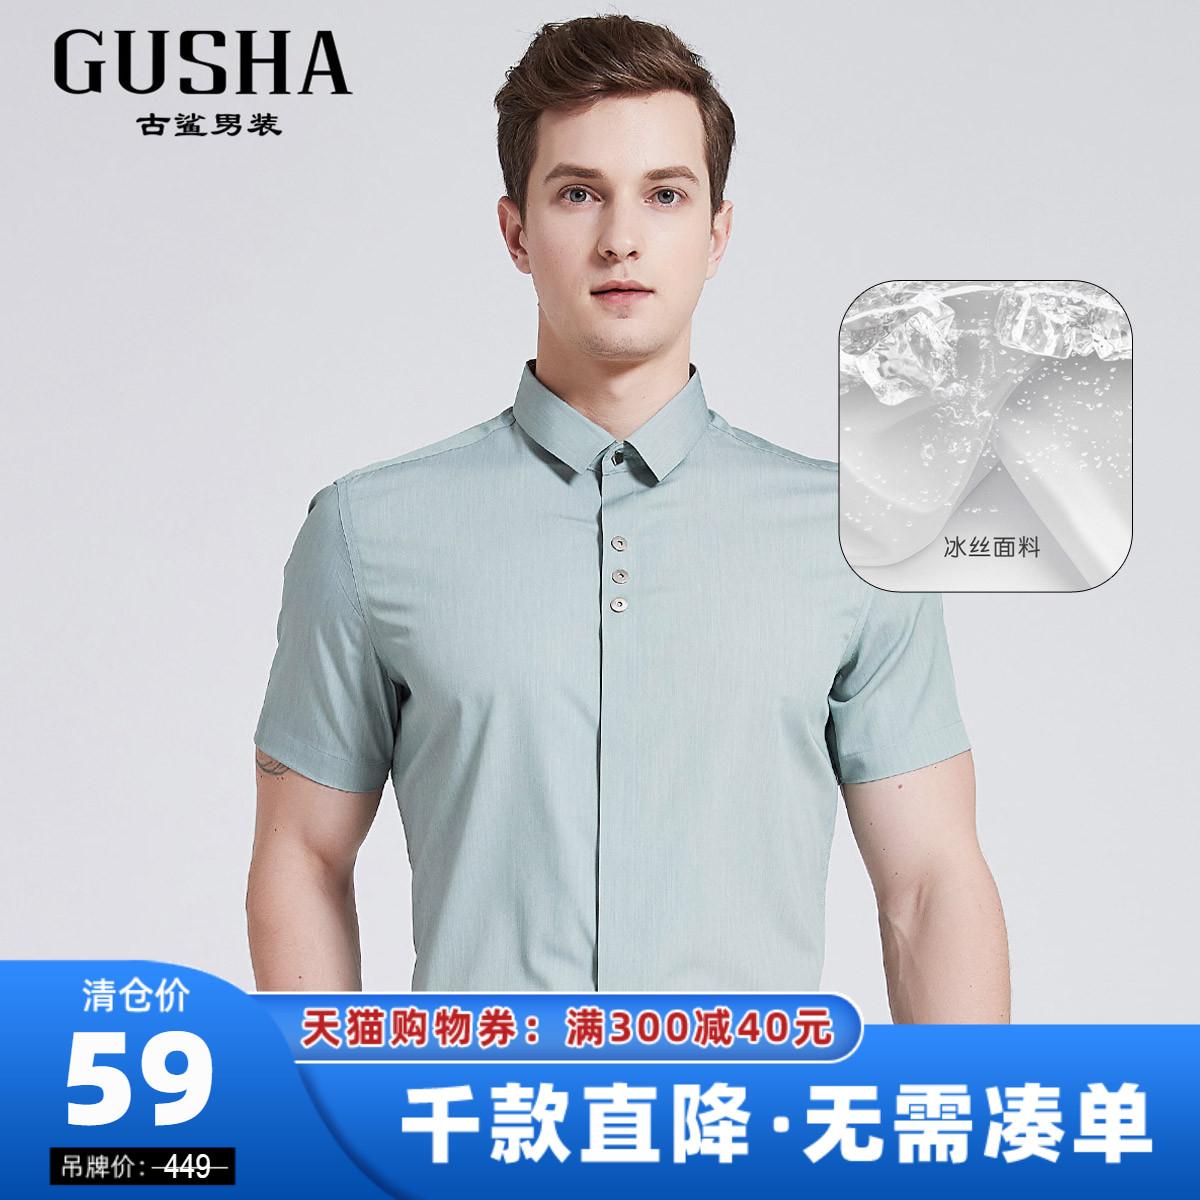 绿色衬衫 古鲨夏季新款绿色镜面前襟圆形铁片短袖衬衫直筒版型02622151_推荐淘宝好看的绿色衬衫